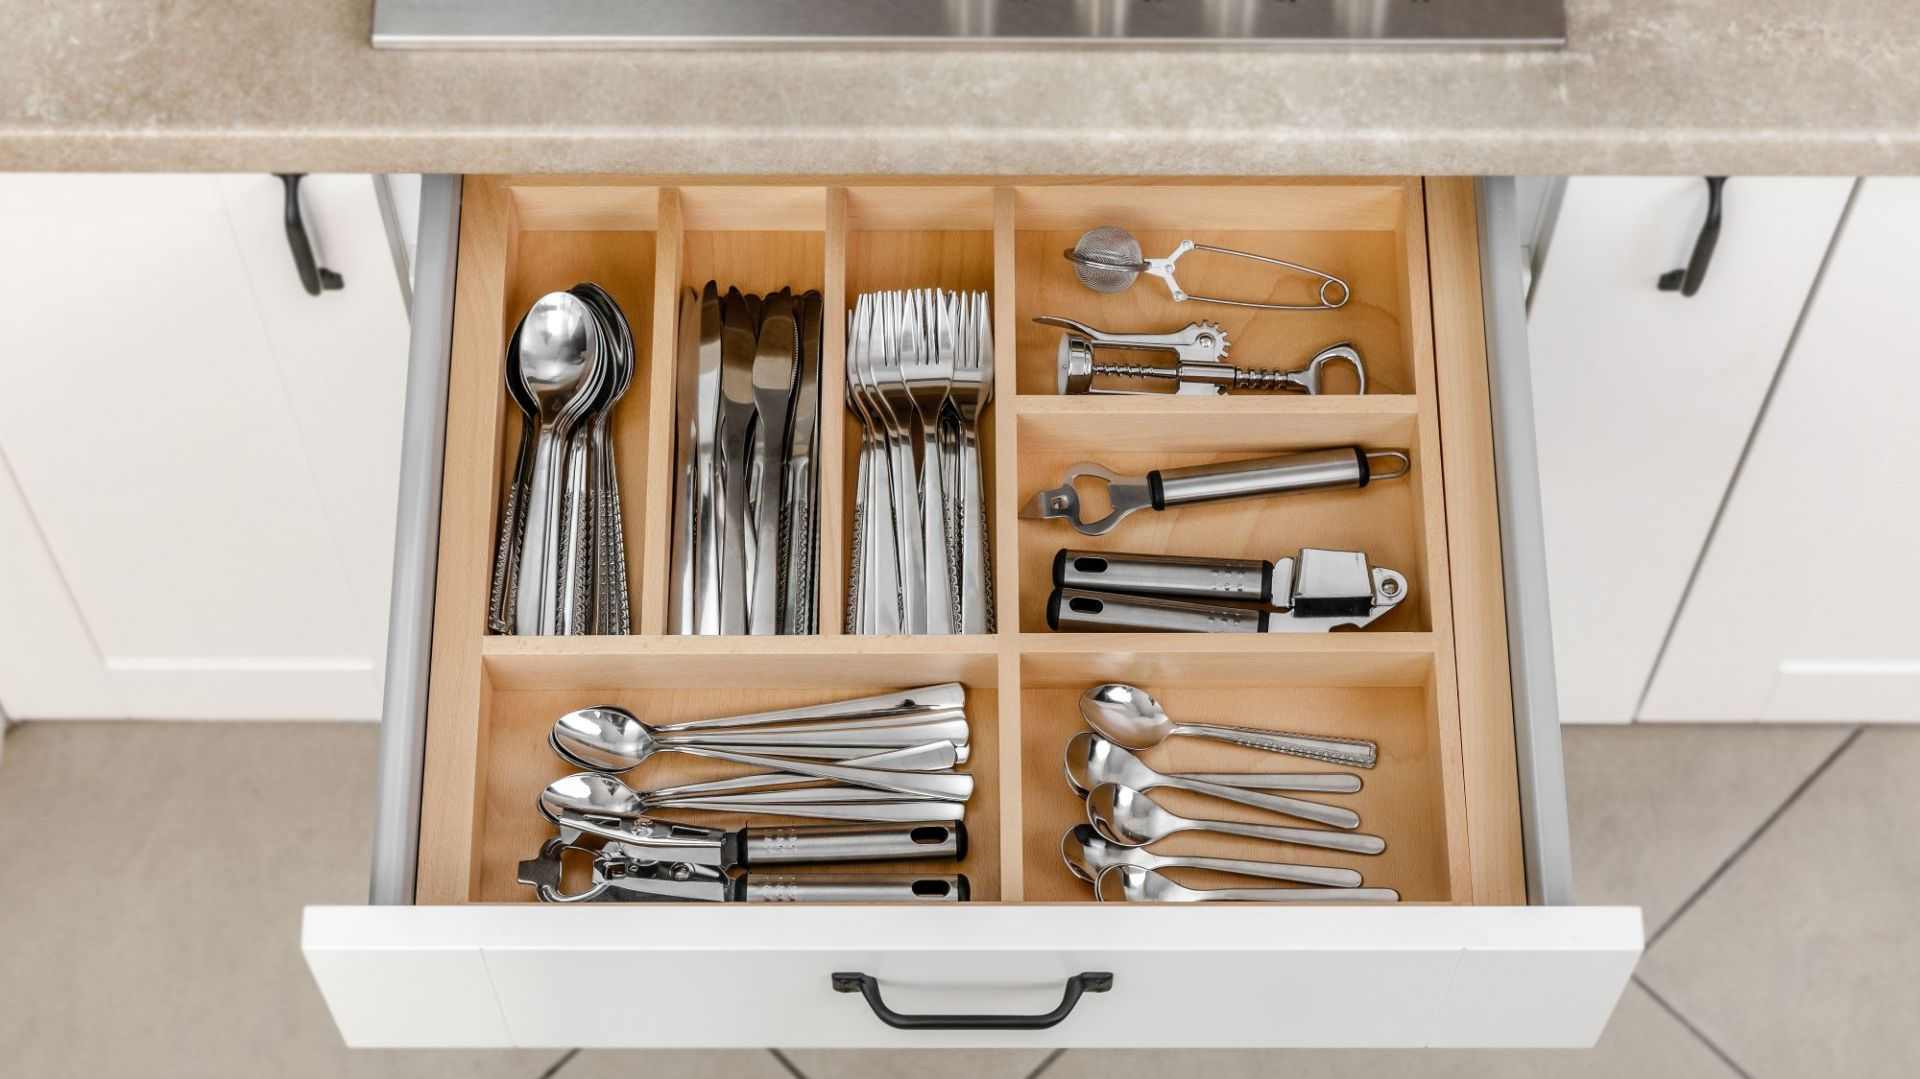 Porządek w kuchni - dobra organizacja szuflad. Fot. GTV